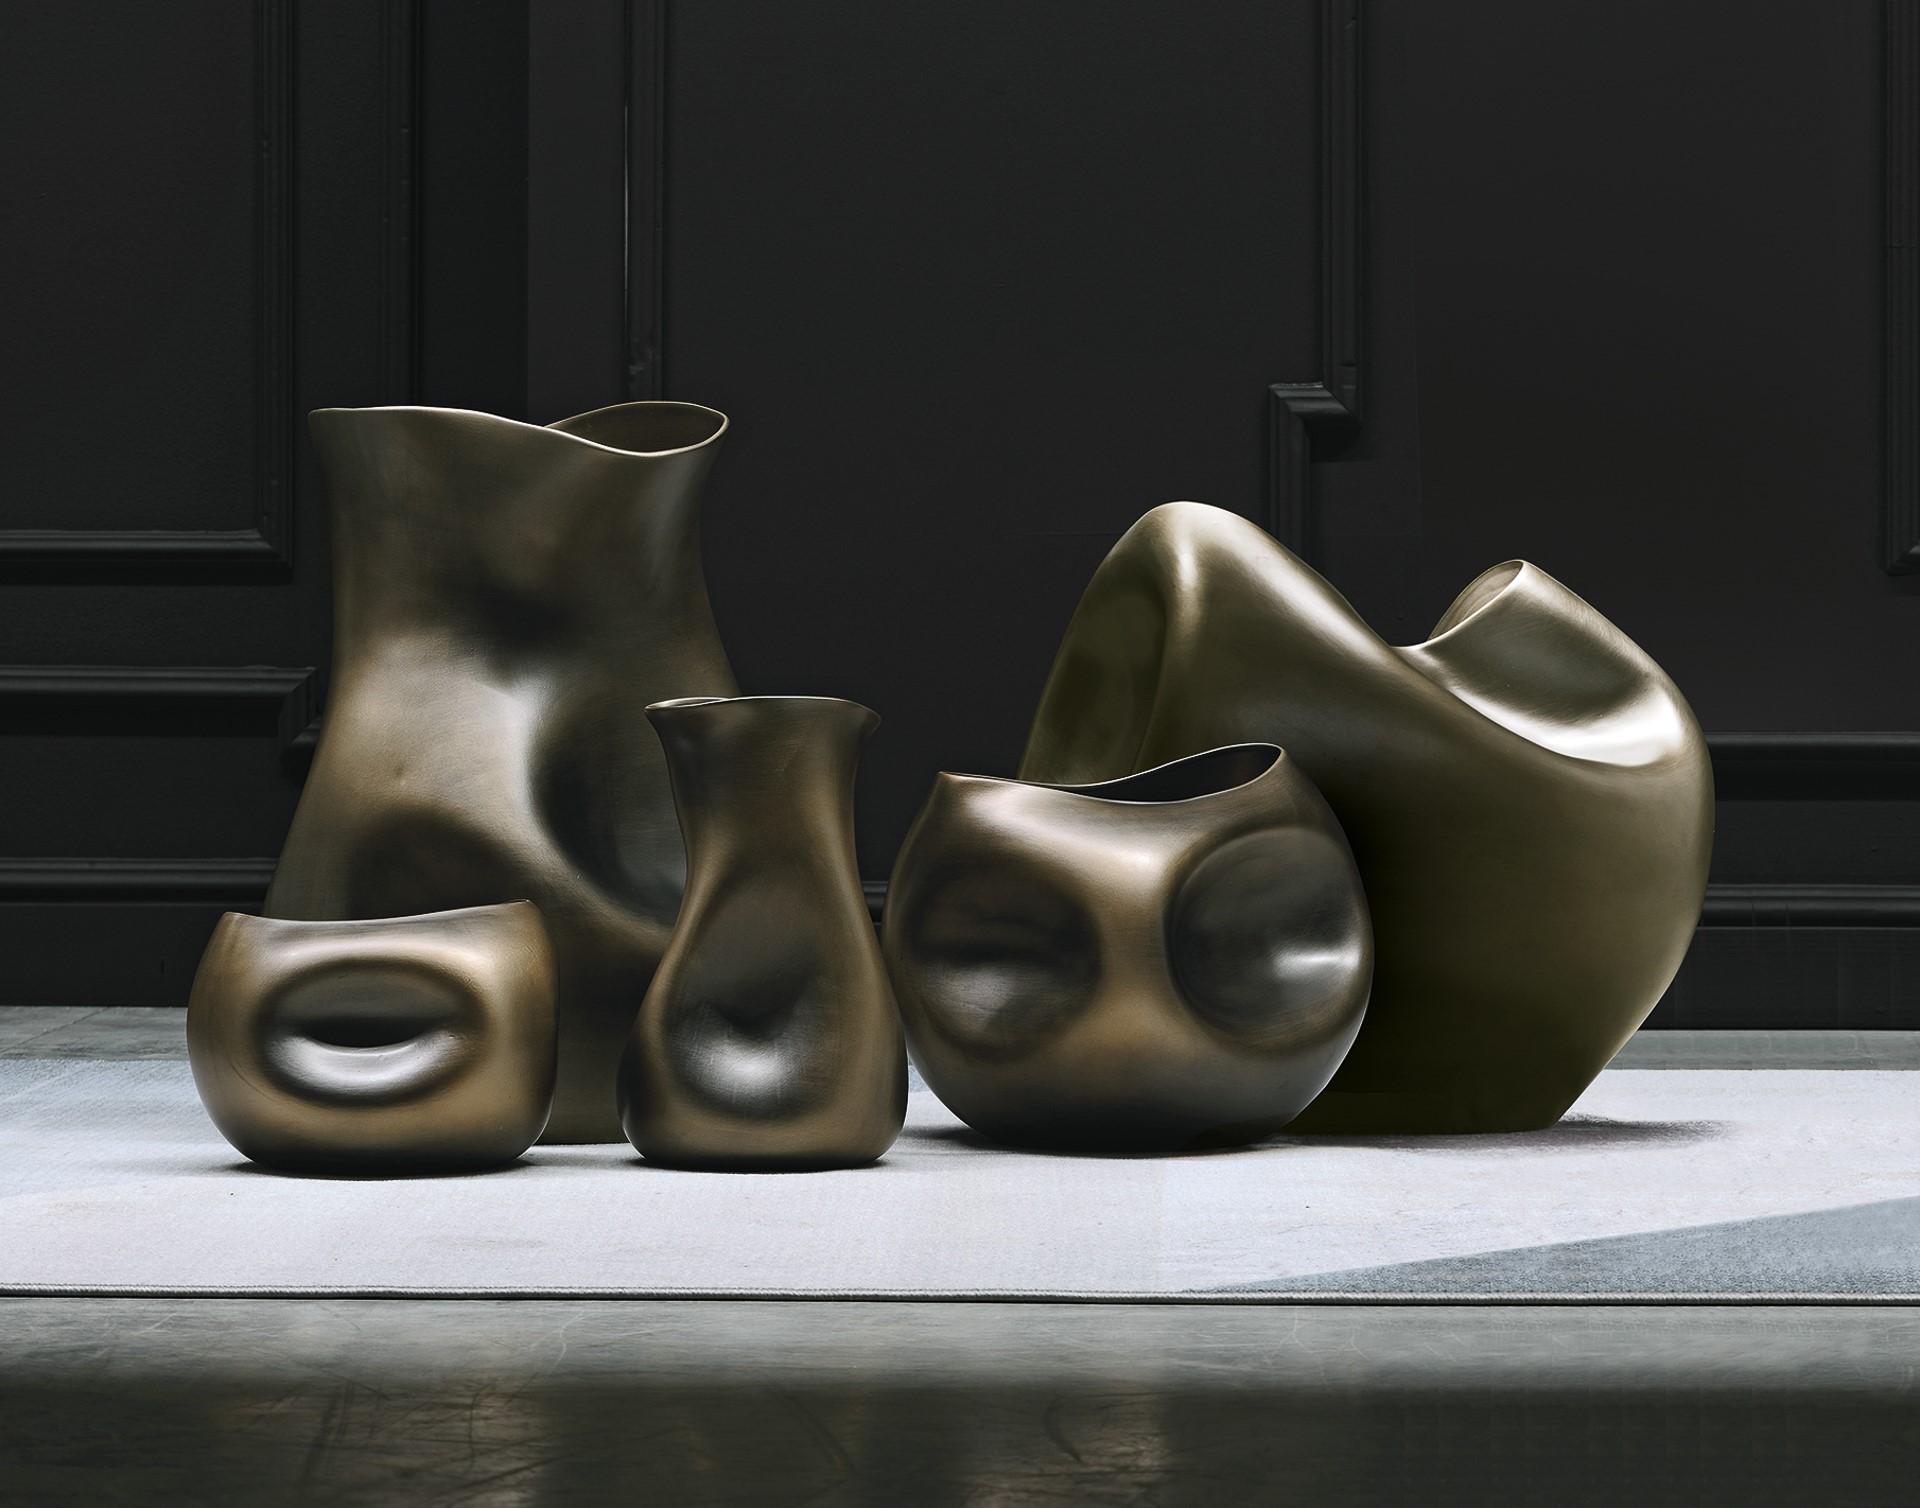 vasi in ceramica metallizzata